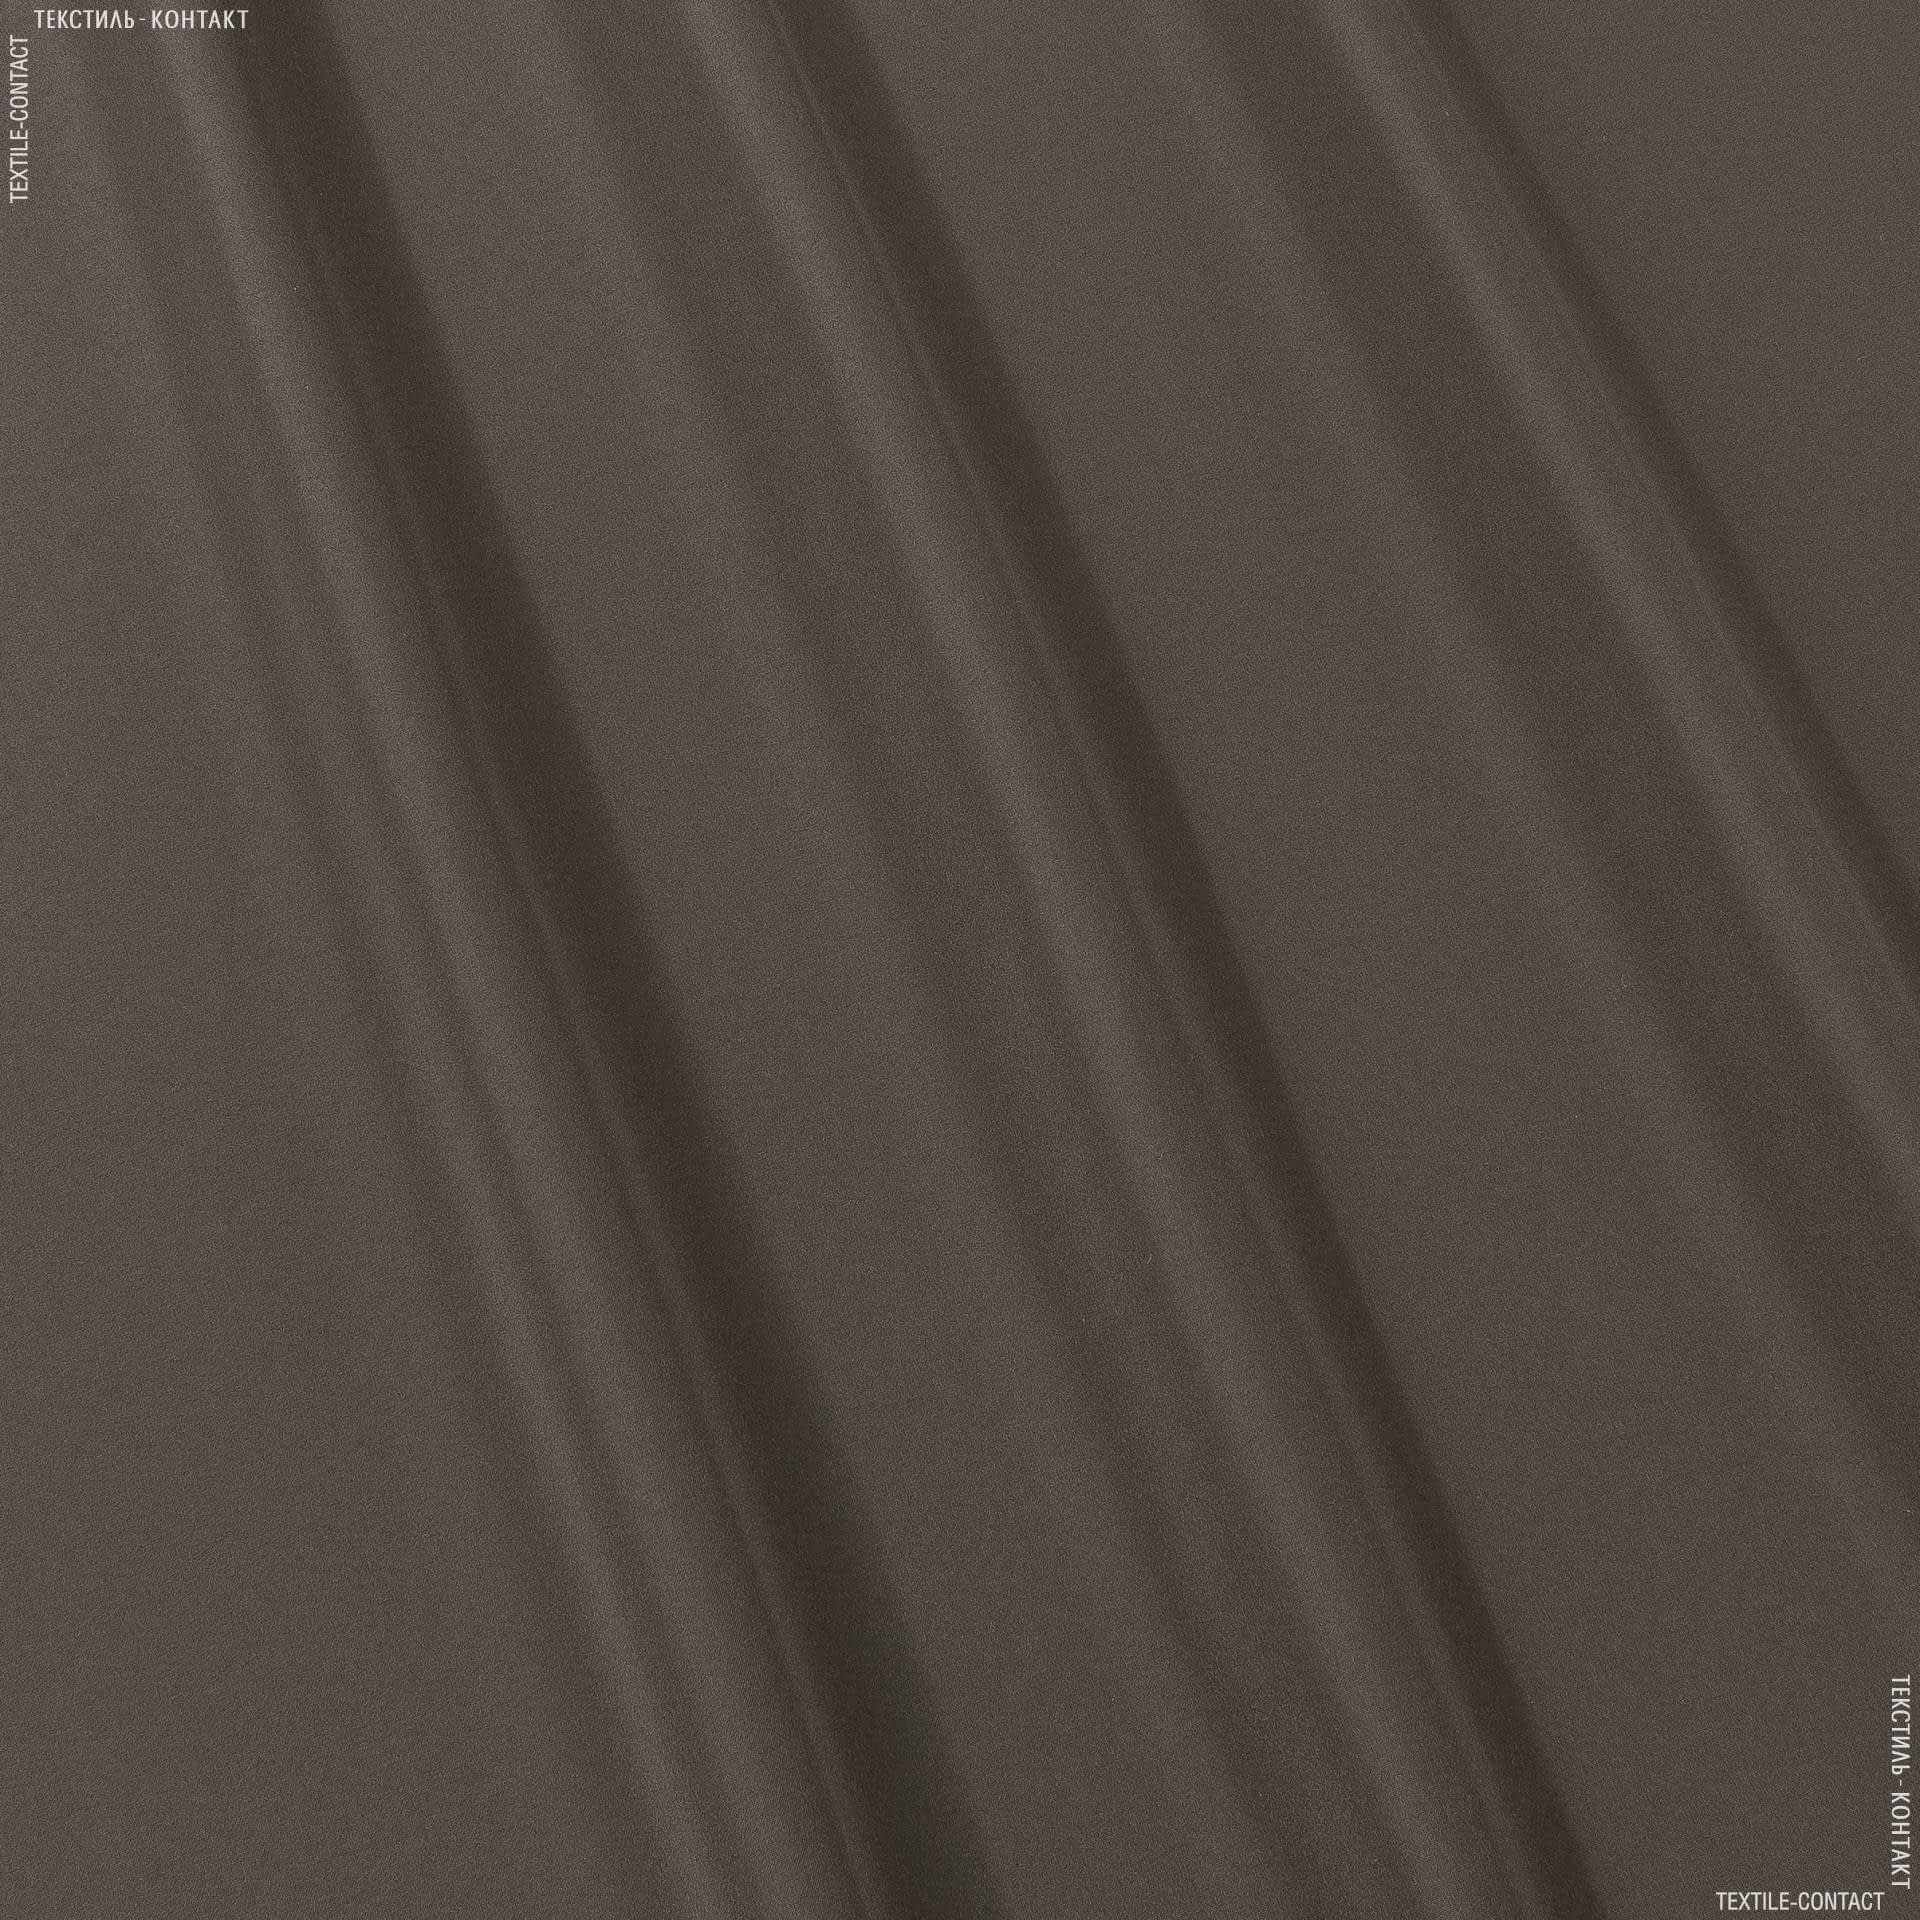 Ткани для верхней одежды - Плащевая бондинг коричневый